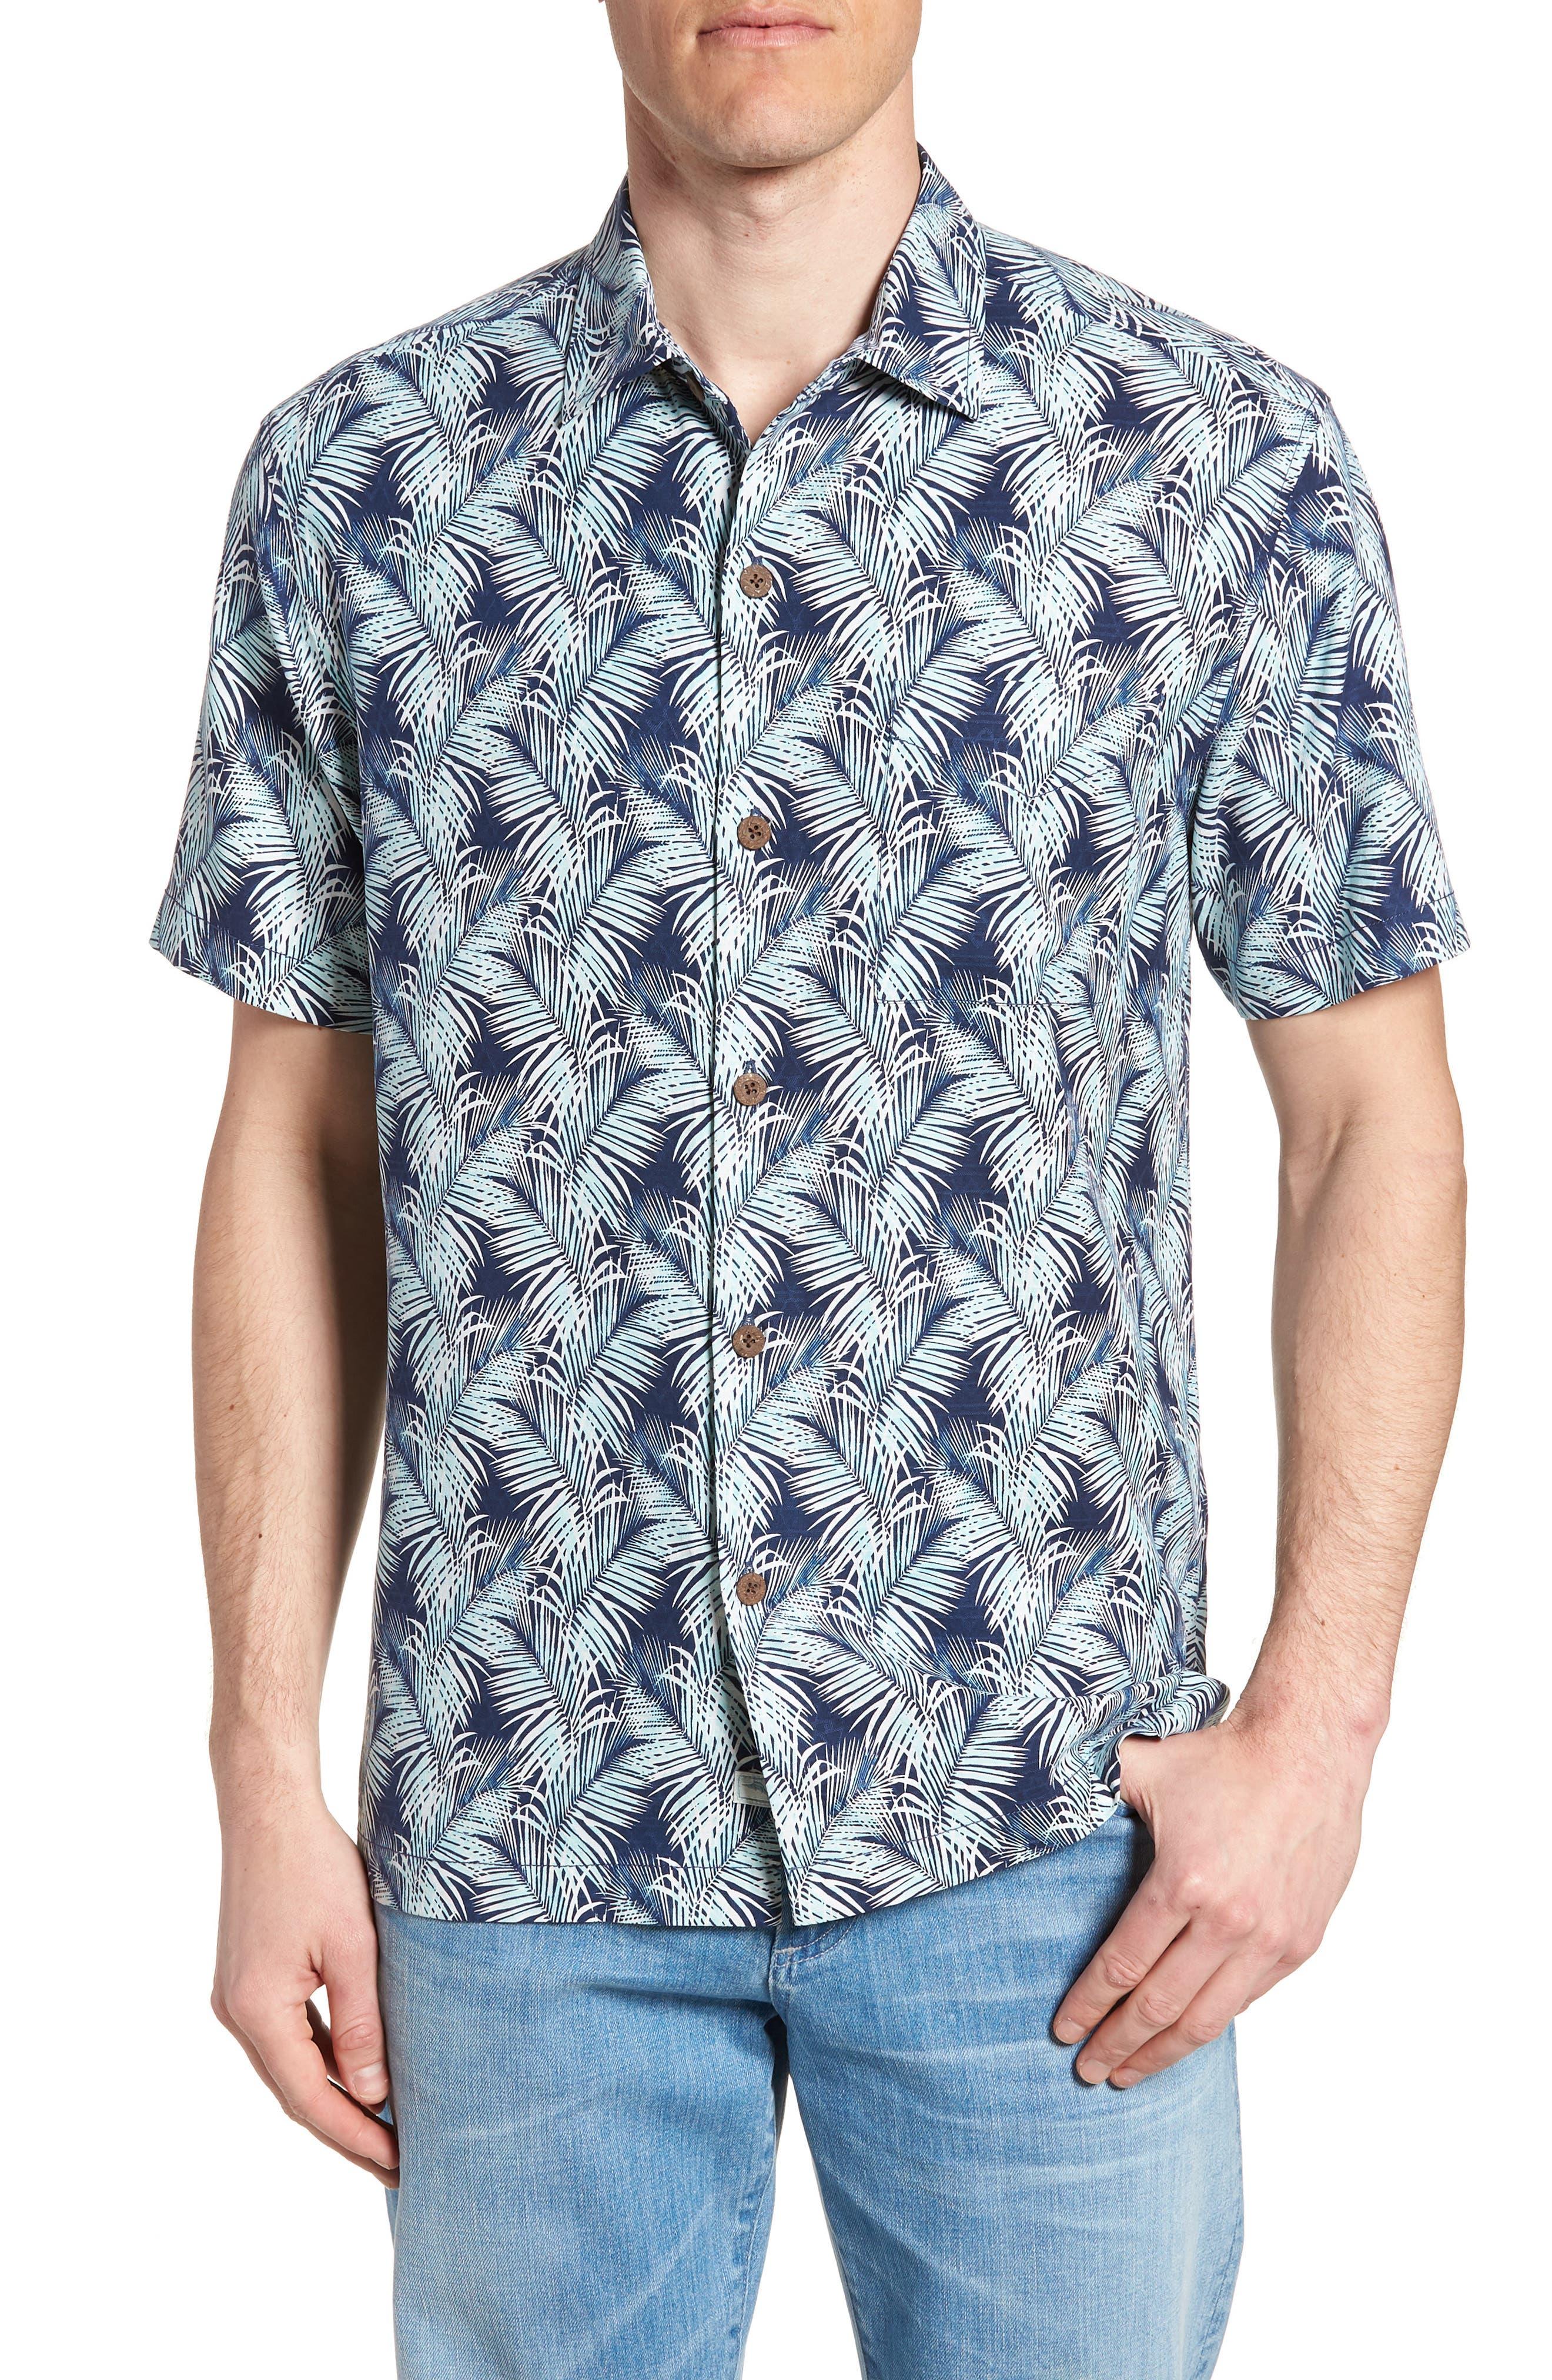 Palms of Tulum Silk Camp Shirt,                         Main,                         color, 401